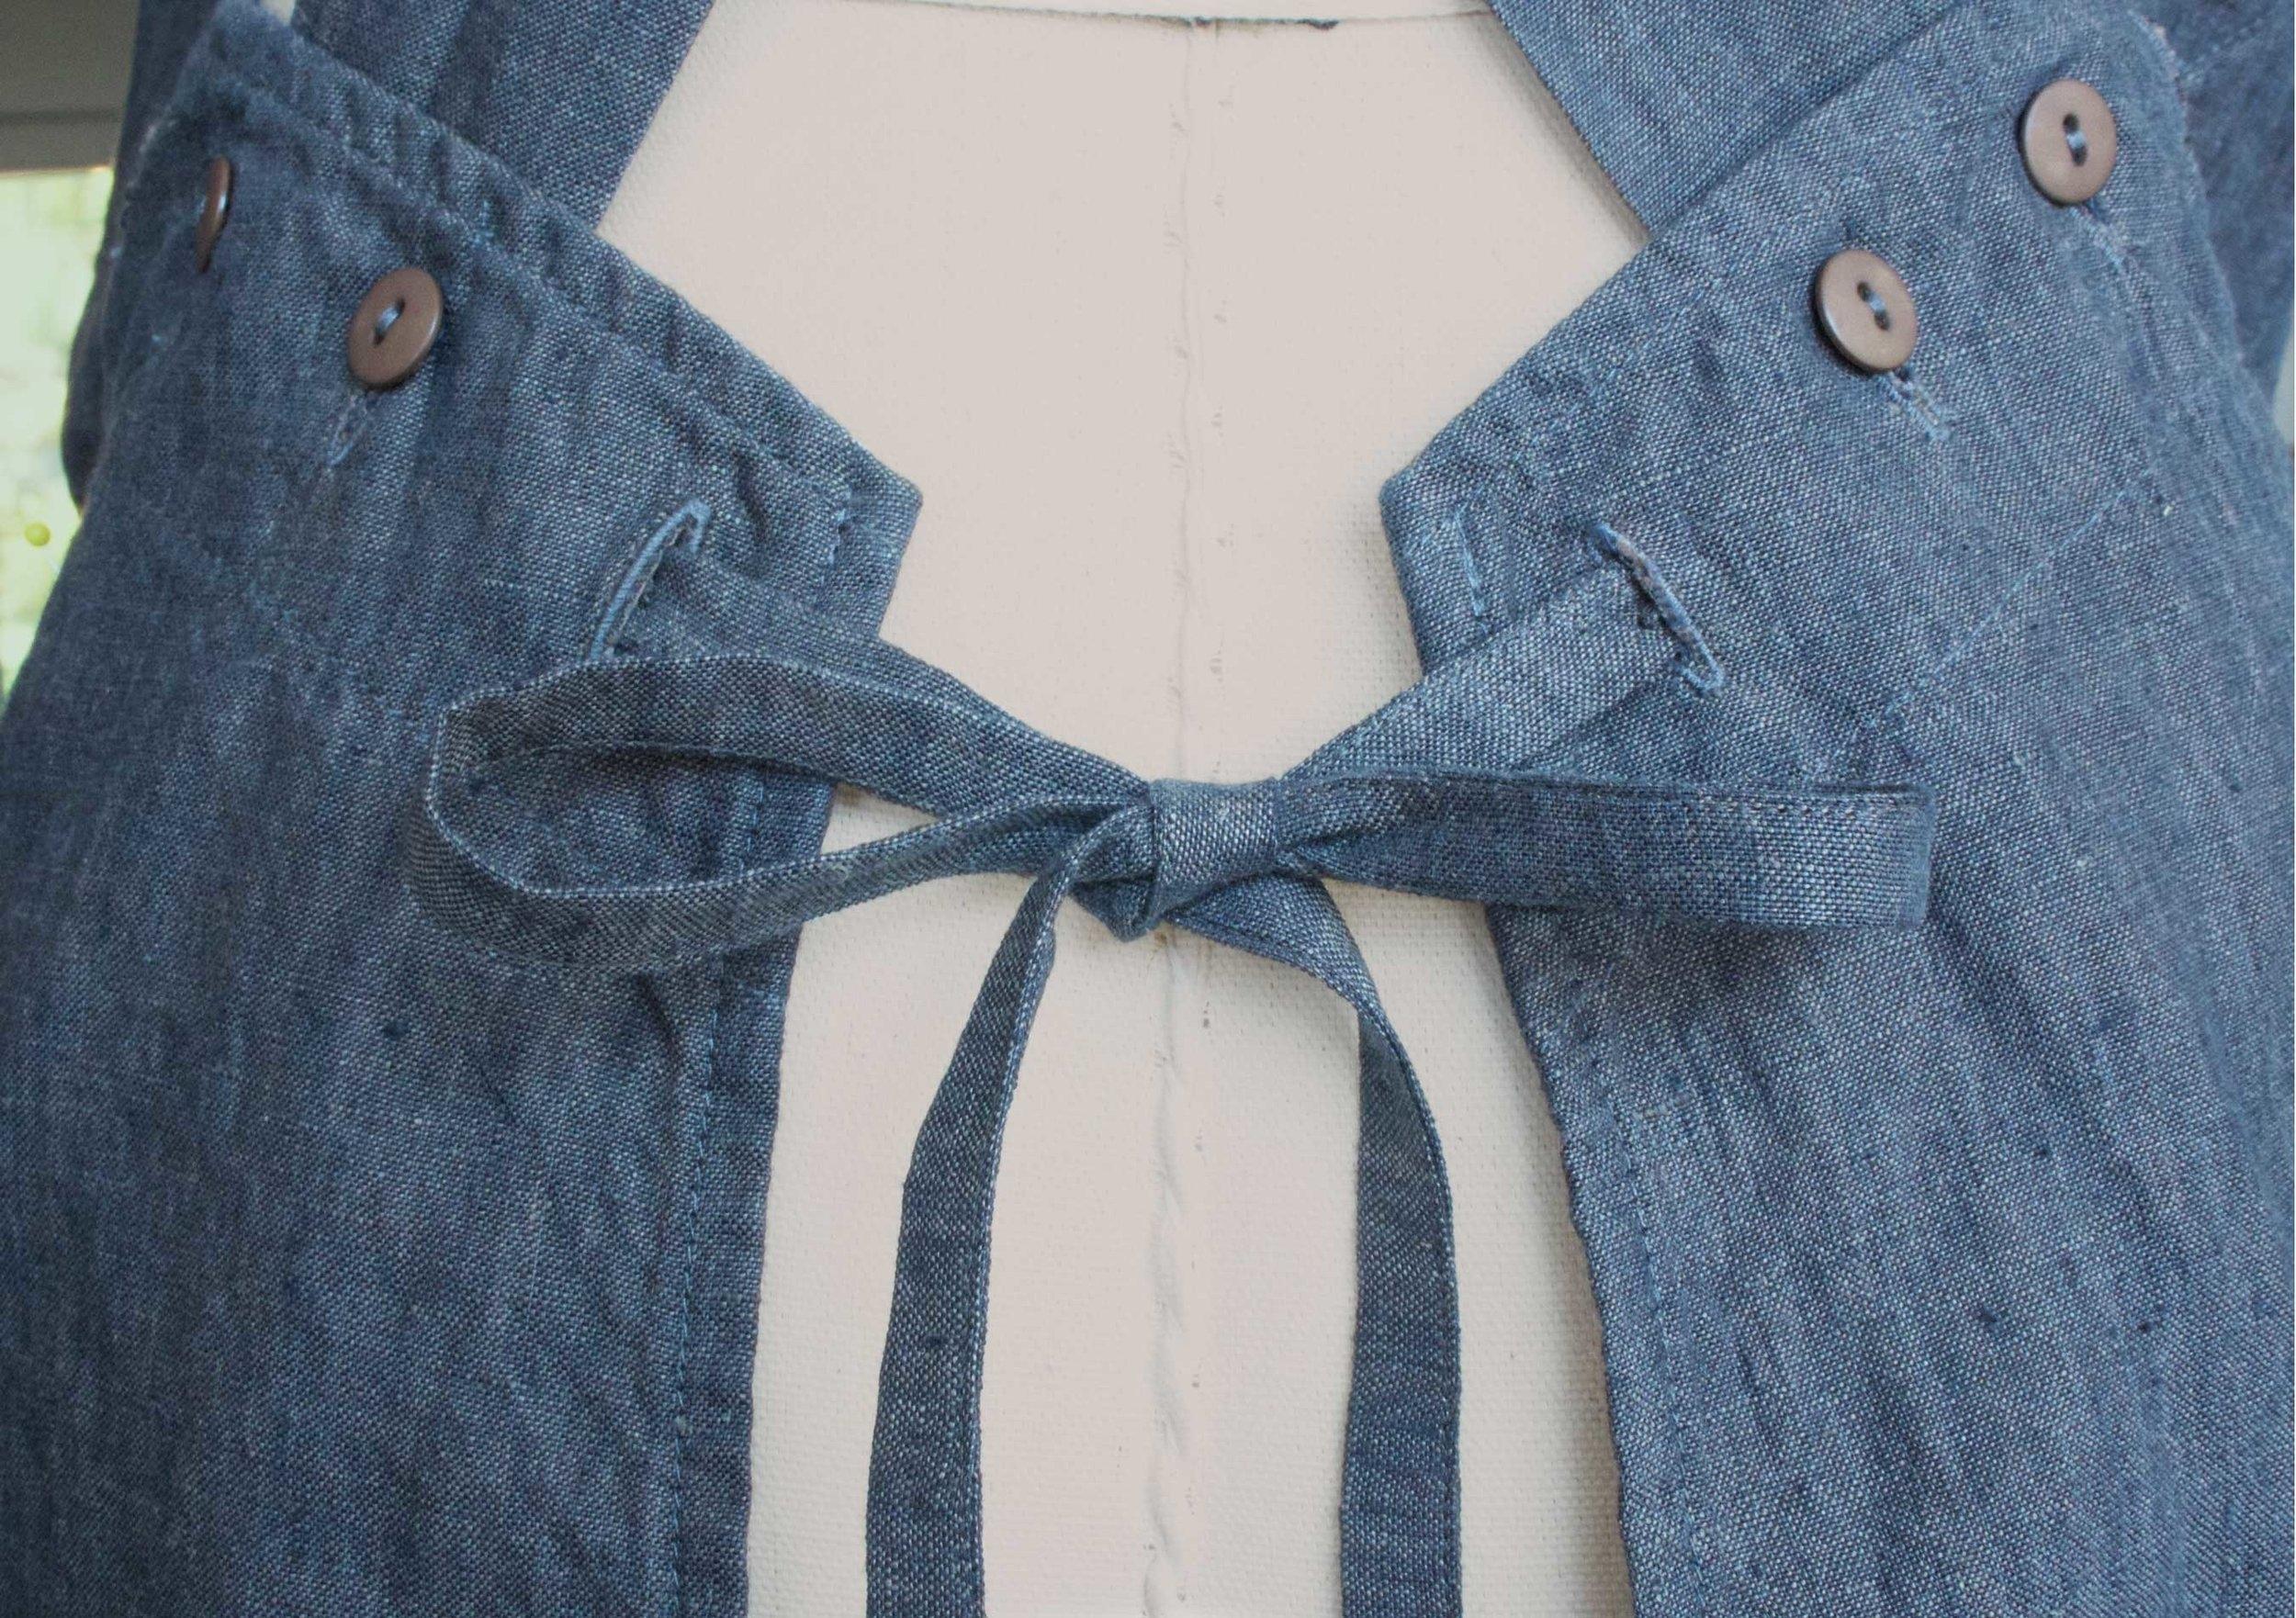 cinch-strings-tied.jpg